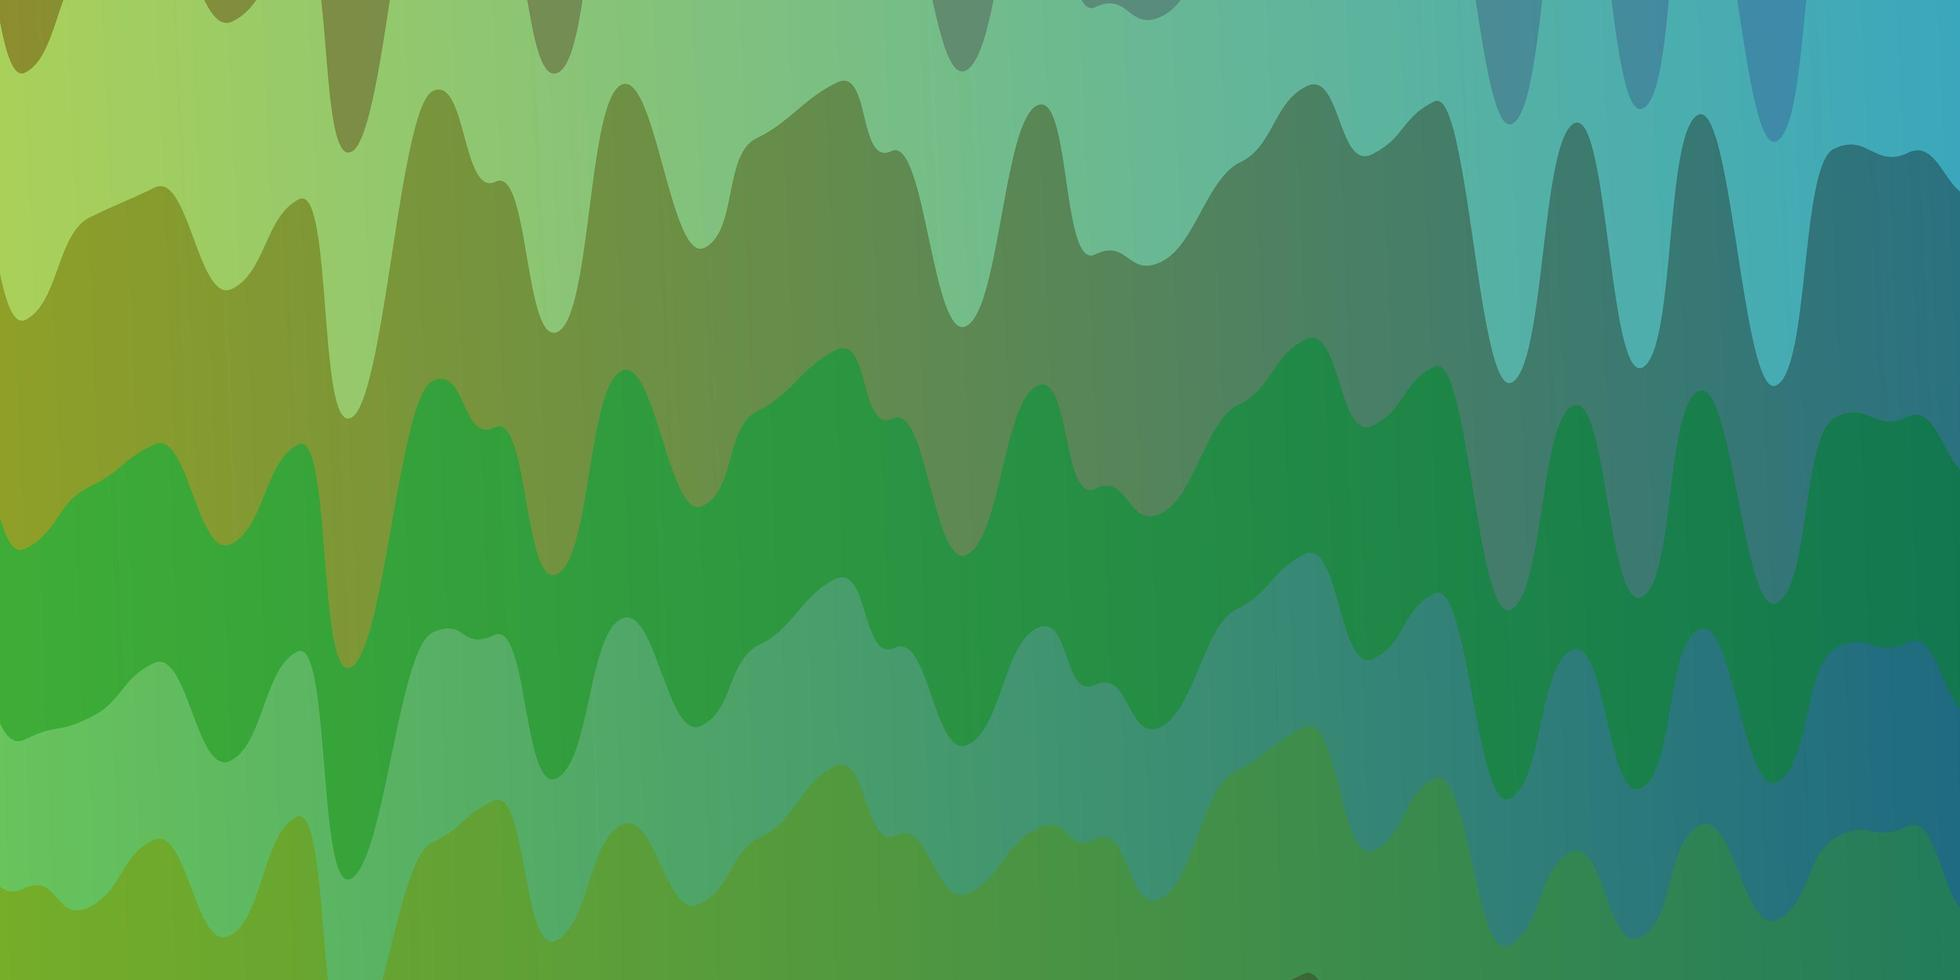 modèle vert clair, jaune avec des lignes courbes. vecteur